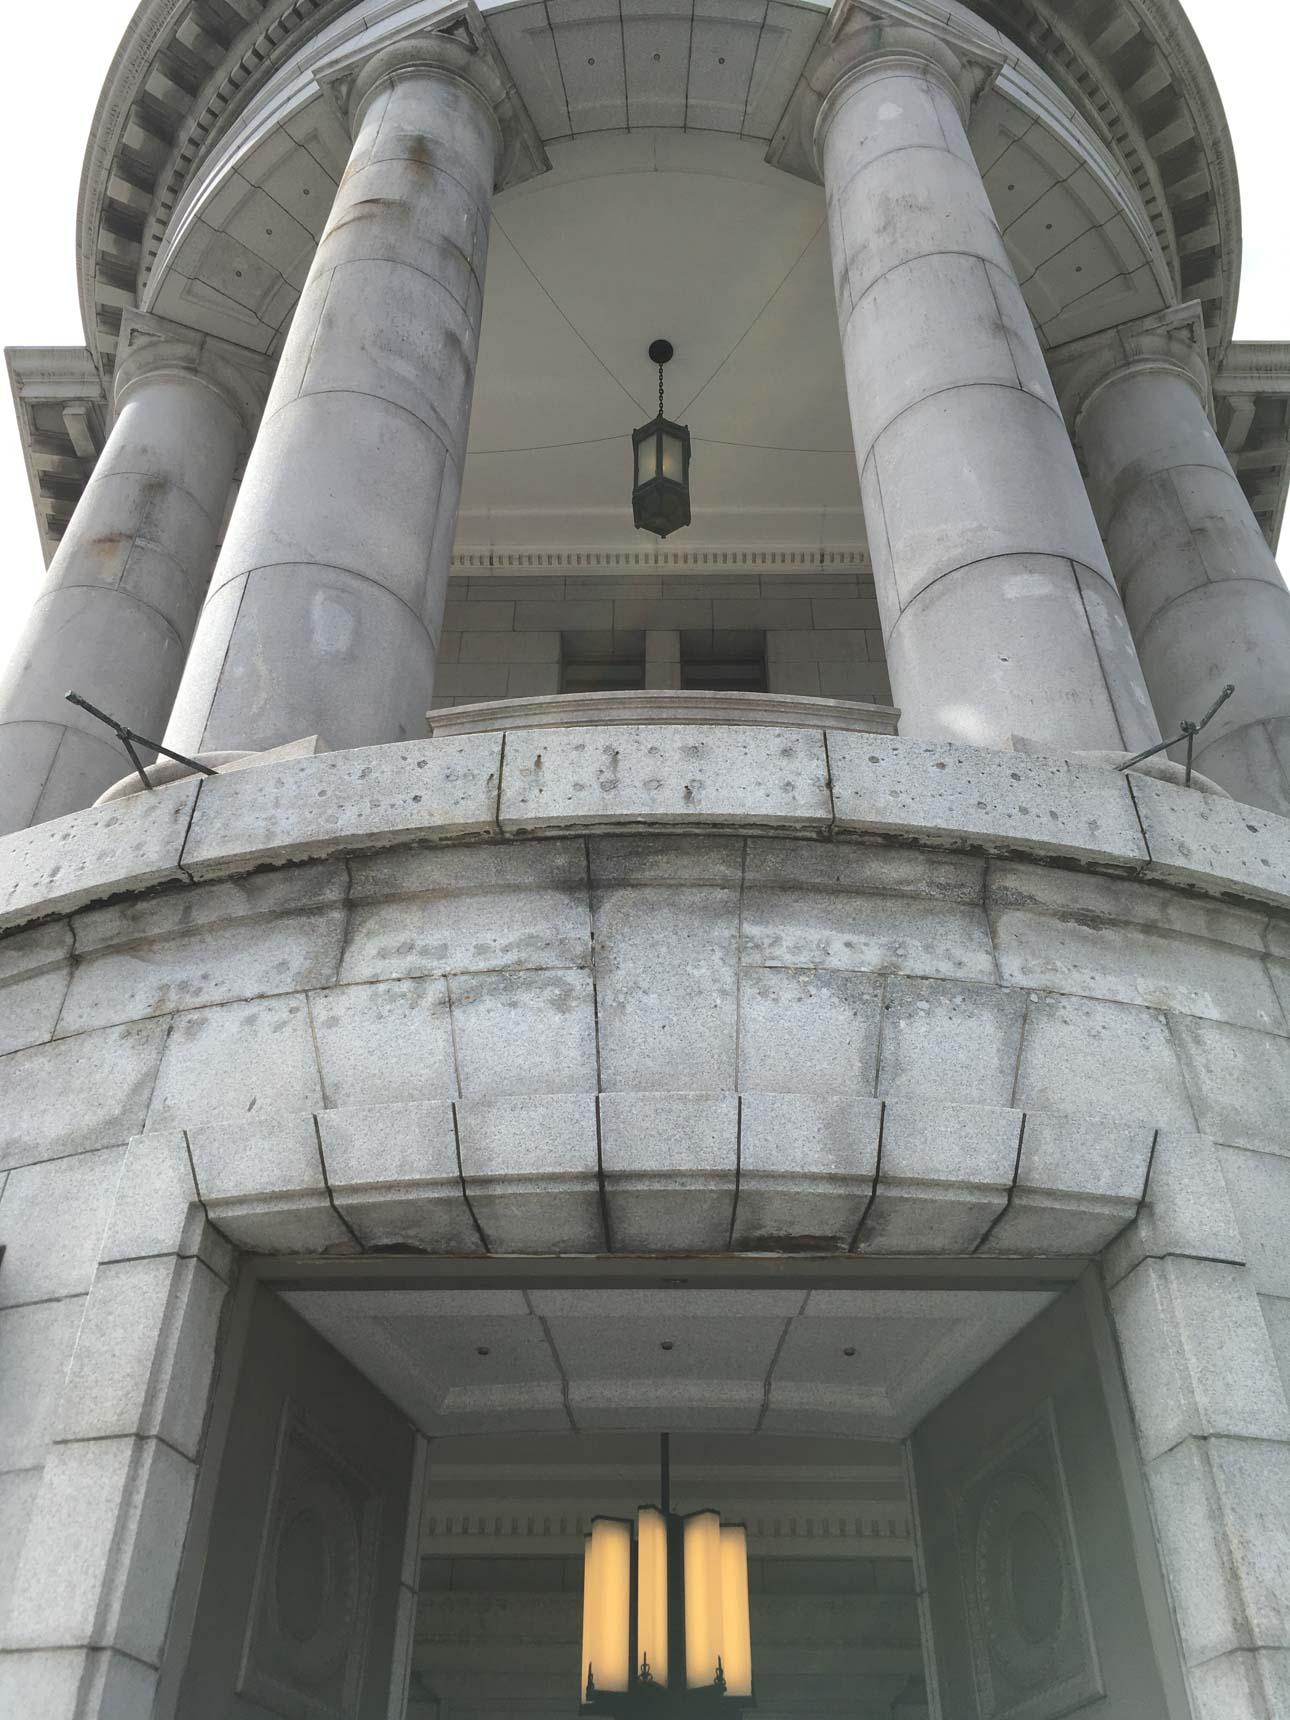 馬車道駅に直結する、重厚な建物。1929年建築の旧第一銀行横浜支店のビルです。